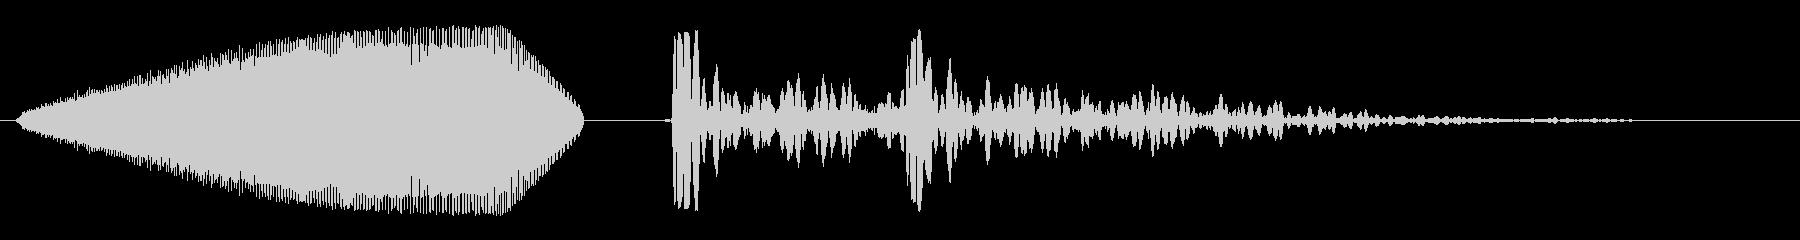 シューンバンバン(落下音)の未再生の波形